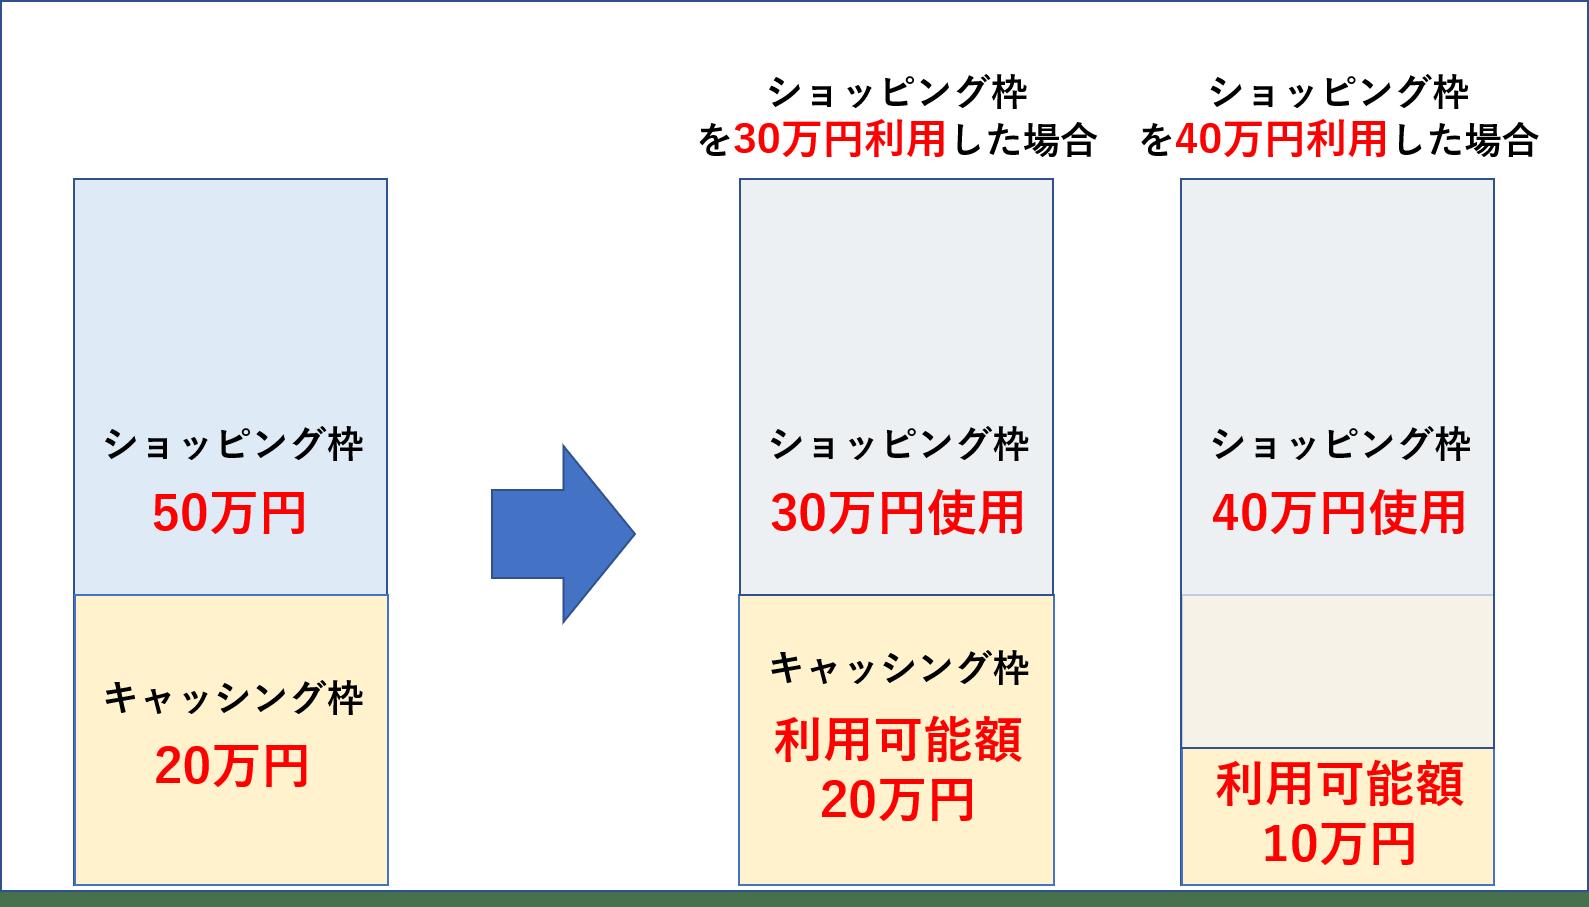 ショッピング枠とキャッシング枠の関係の事例